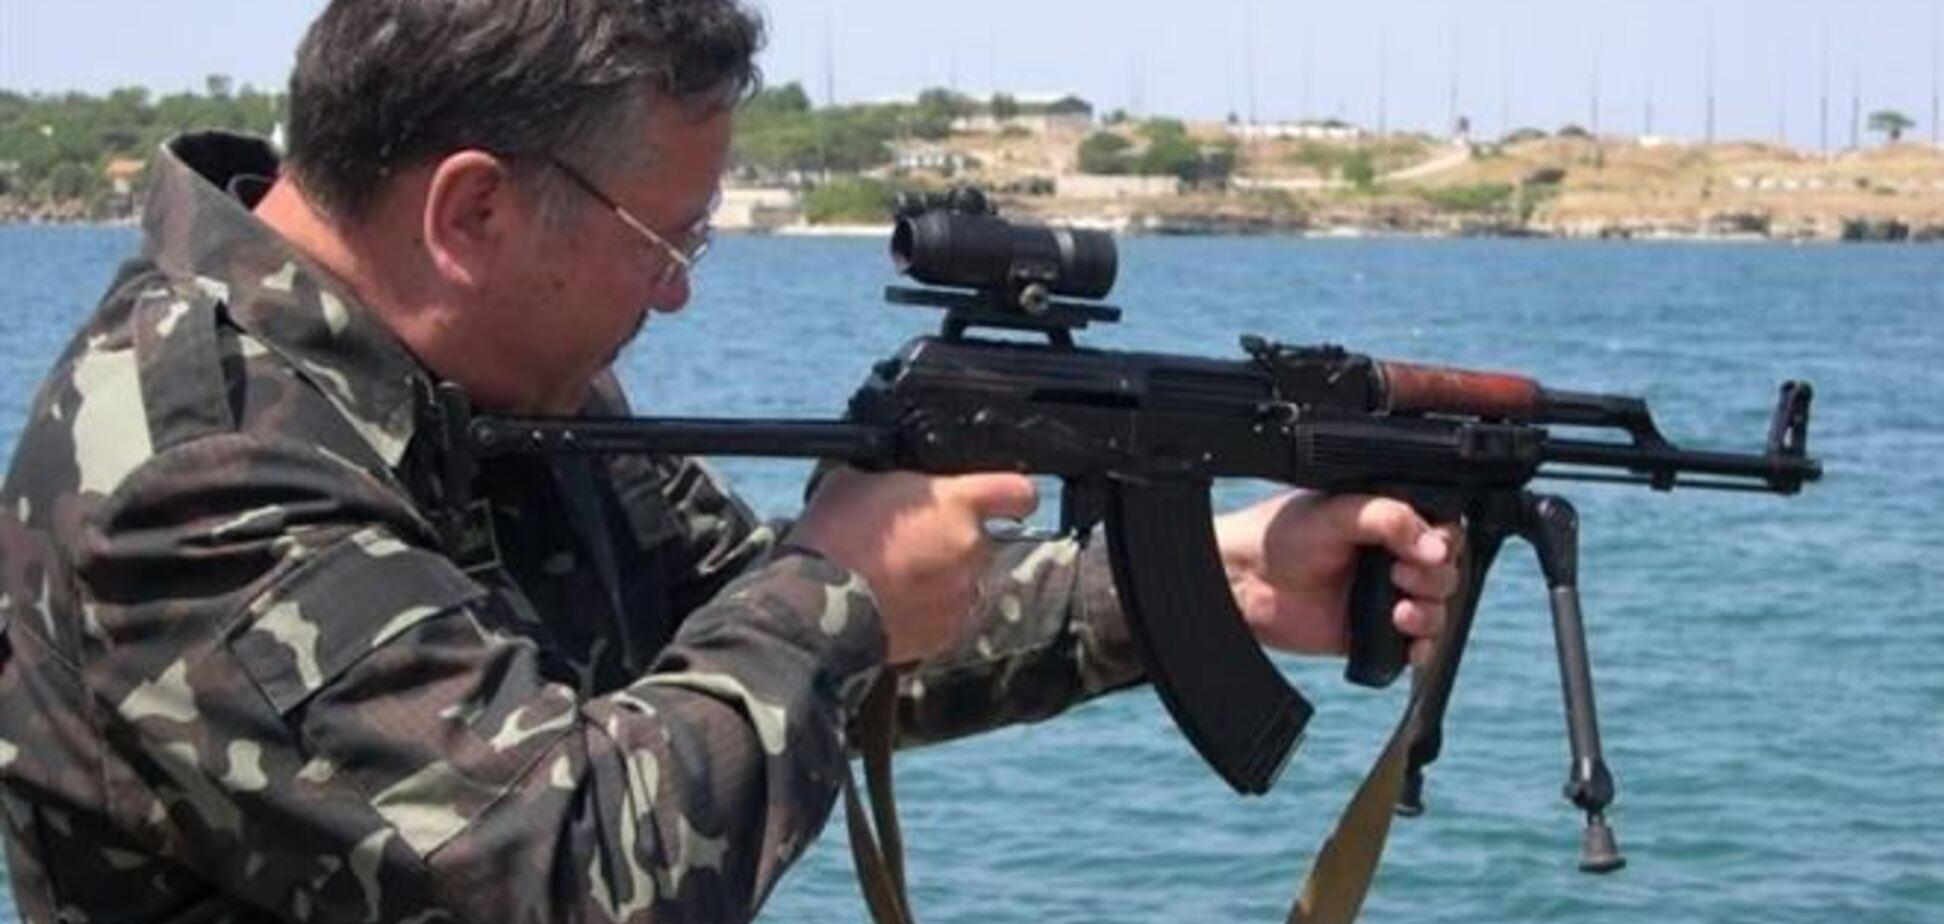 Экс-министр обороны предлагает легализовать имеющееся у украинцев оружие